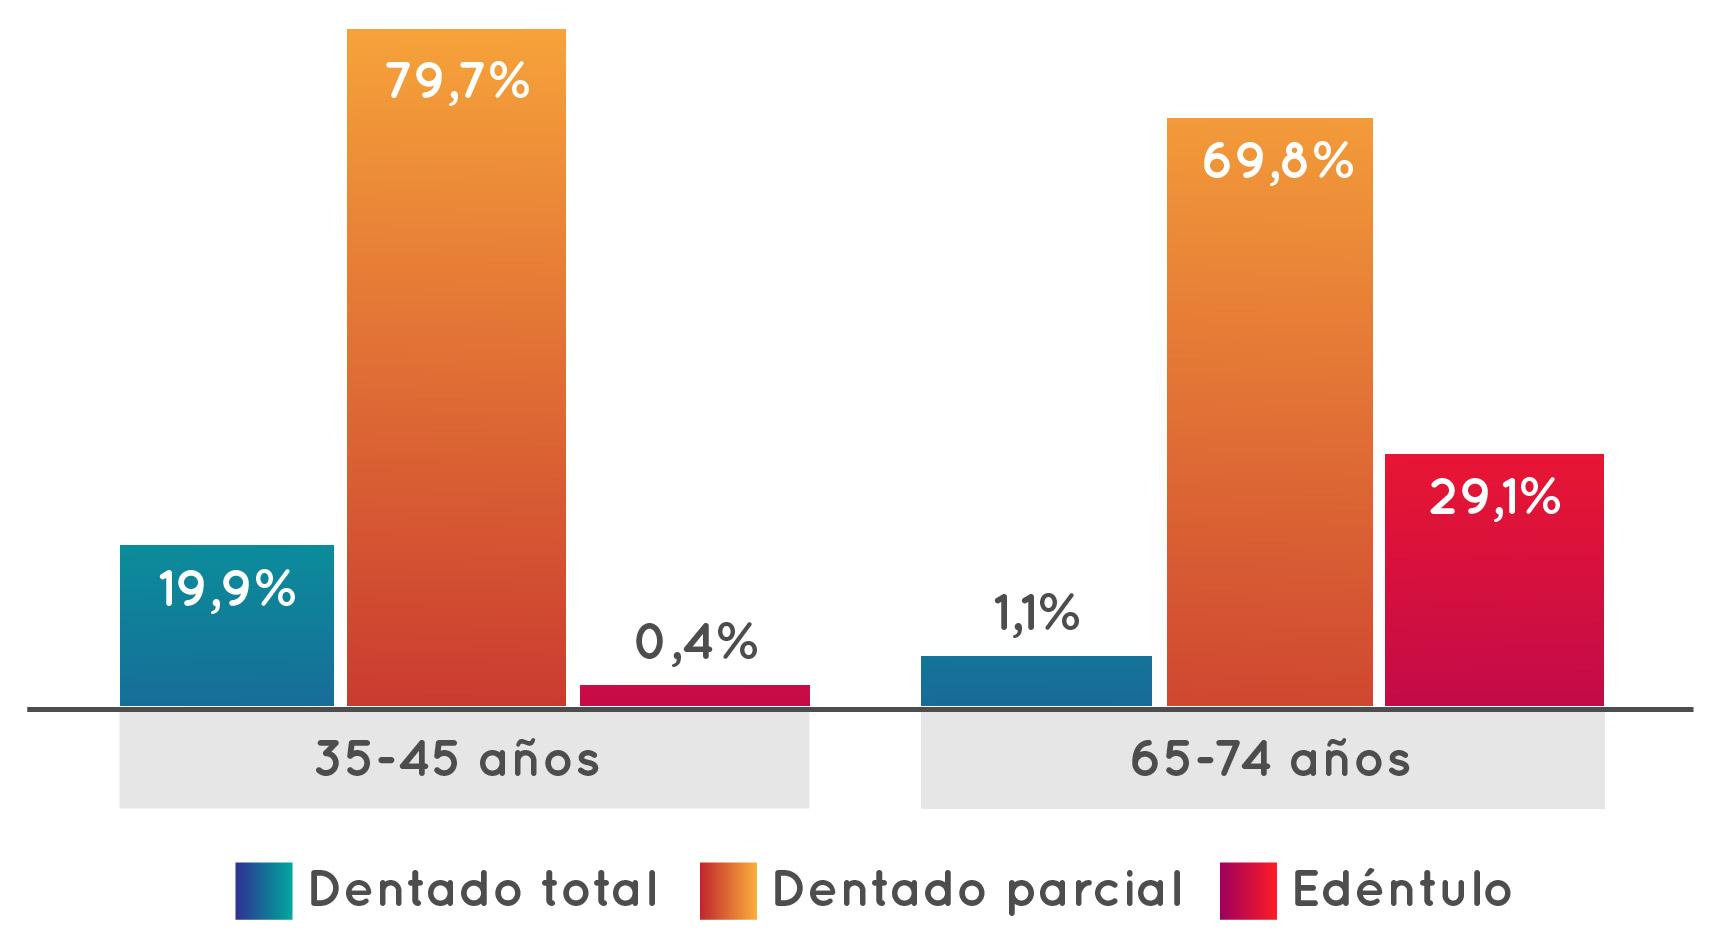 grafico uso protesis dental por edad